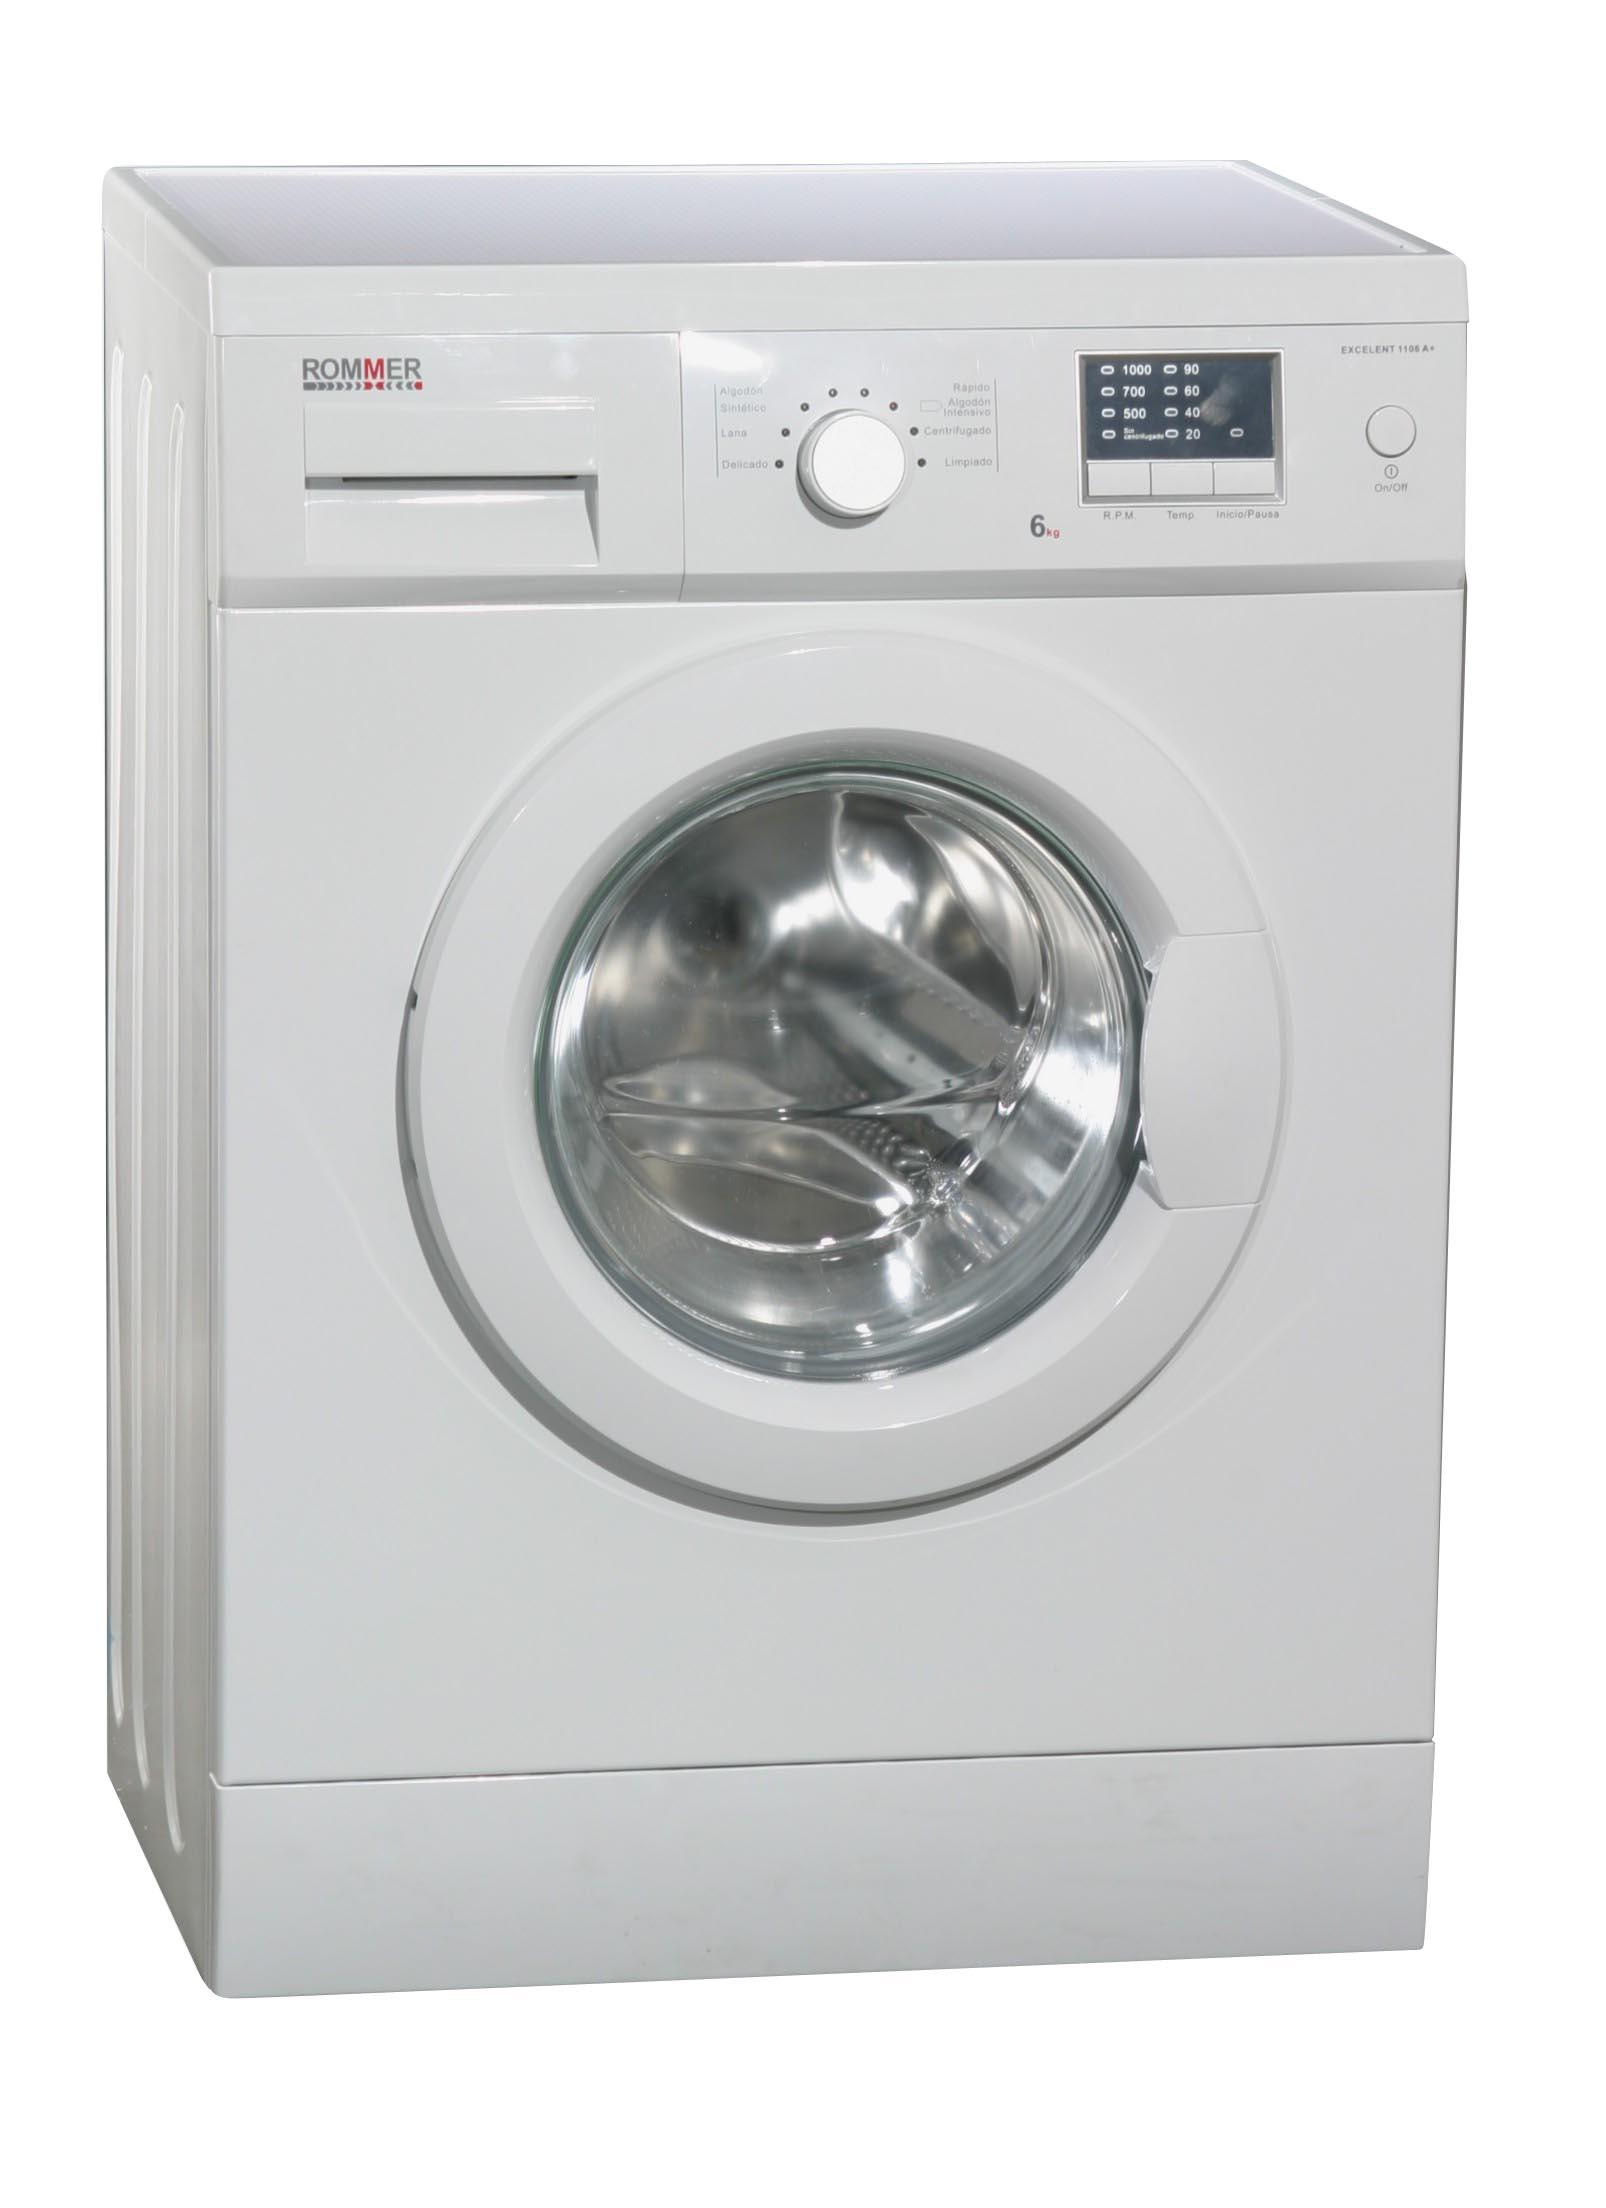 lavadora Rommer, de 6kg de capacidad en Binipreu Menorca por 219